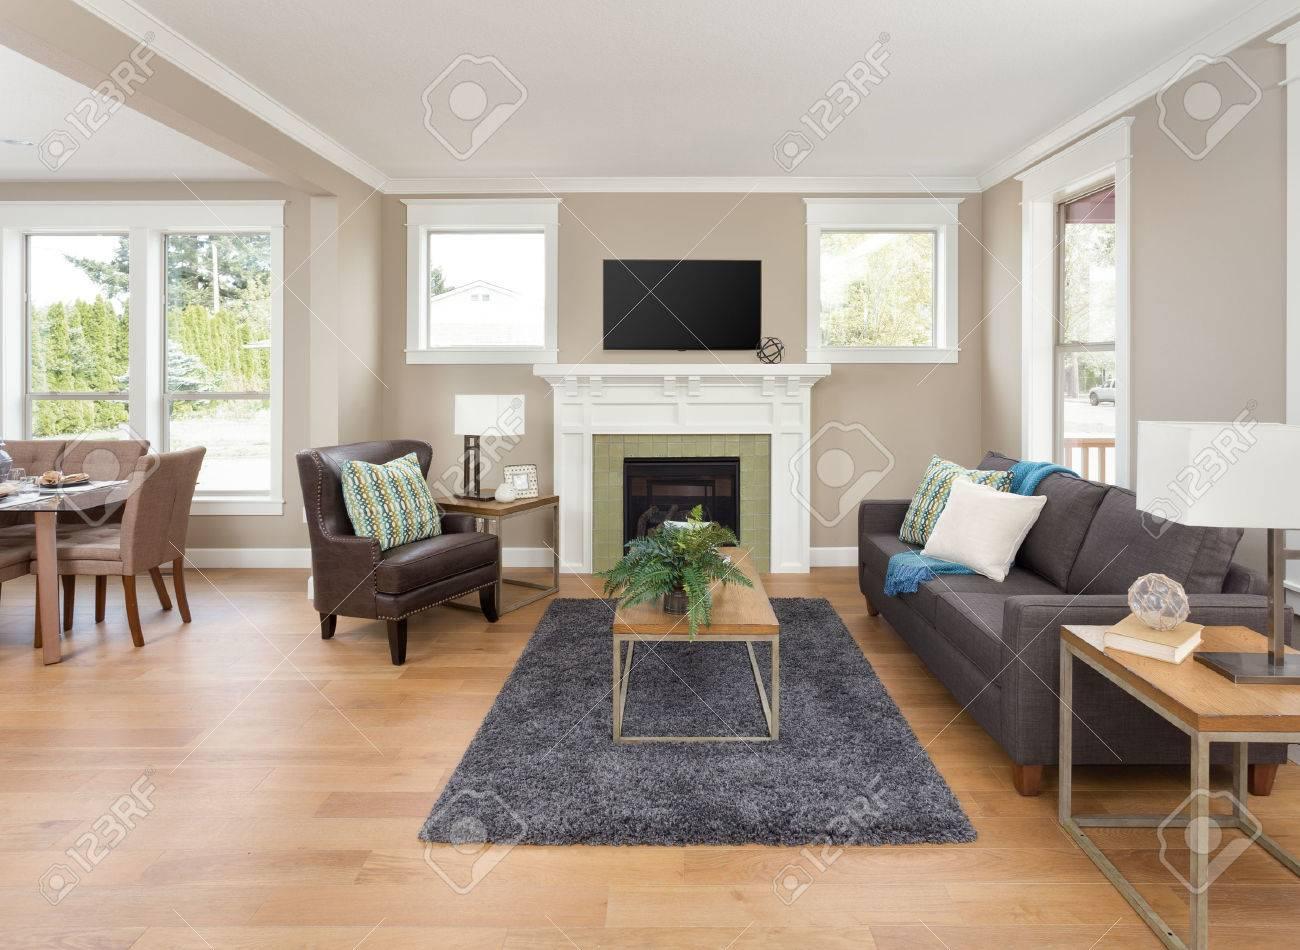 Schöne Wohnzimmer Interieur Mit Parkettboden Und Kamin In Der Neuen ...